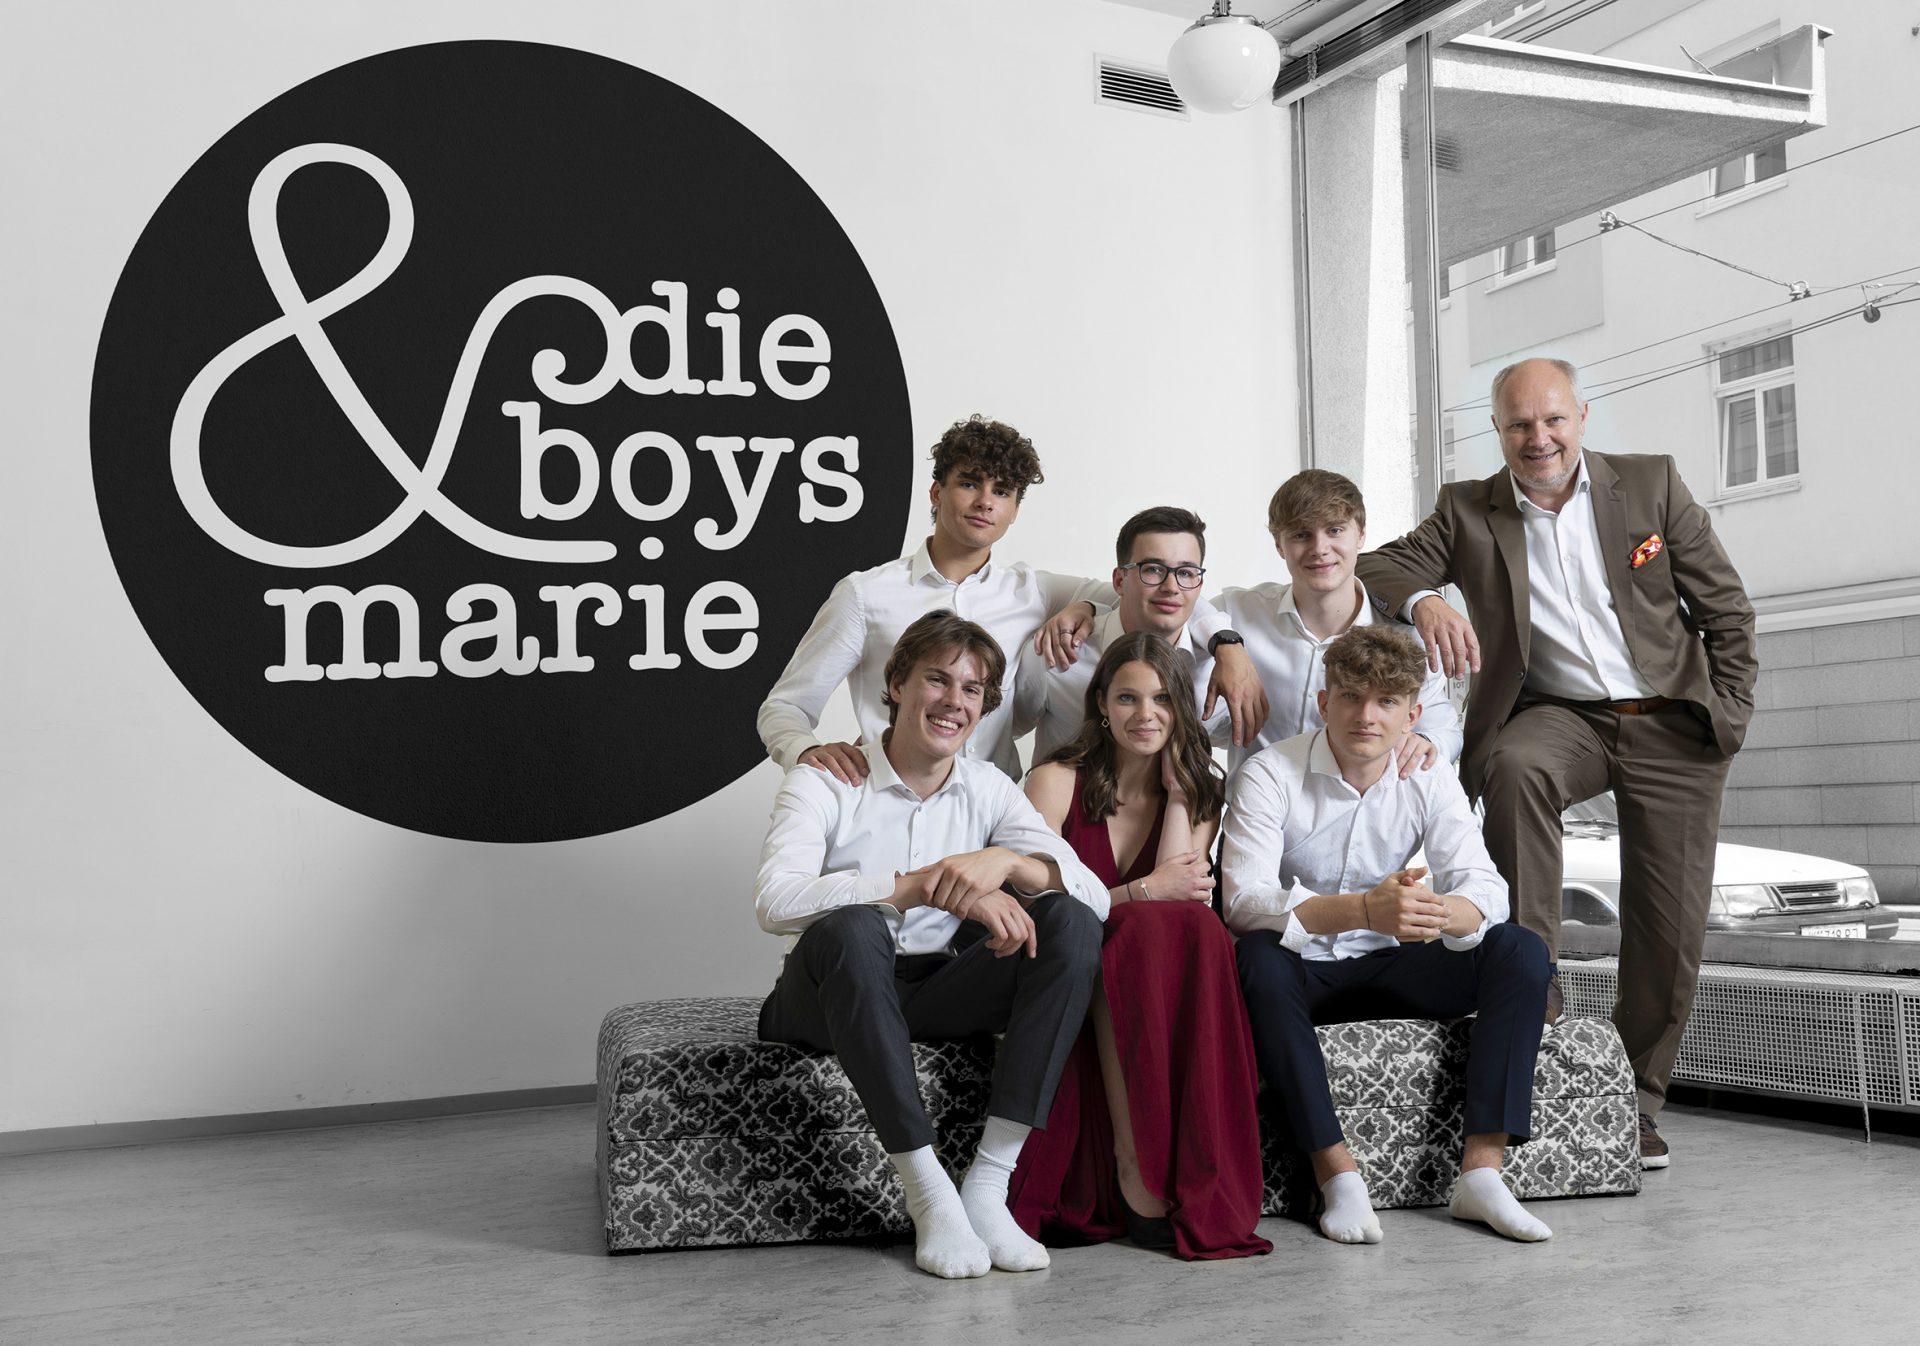 die boys & marie